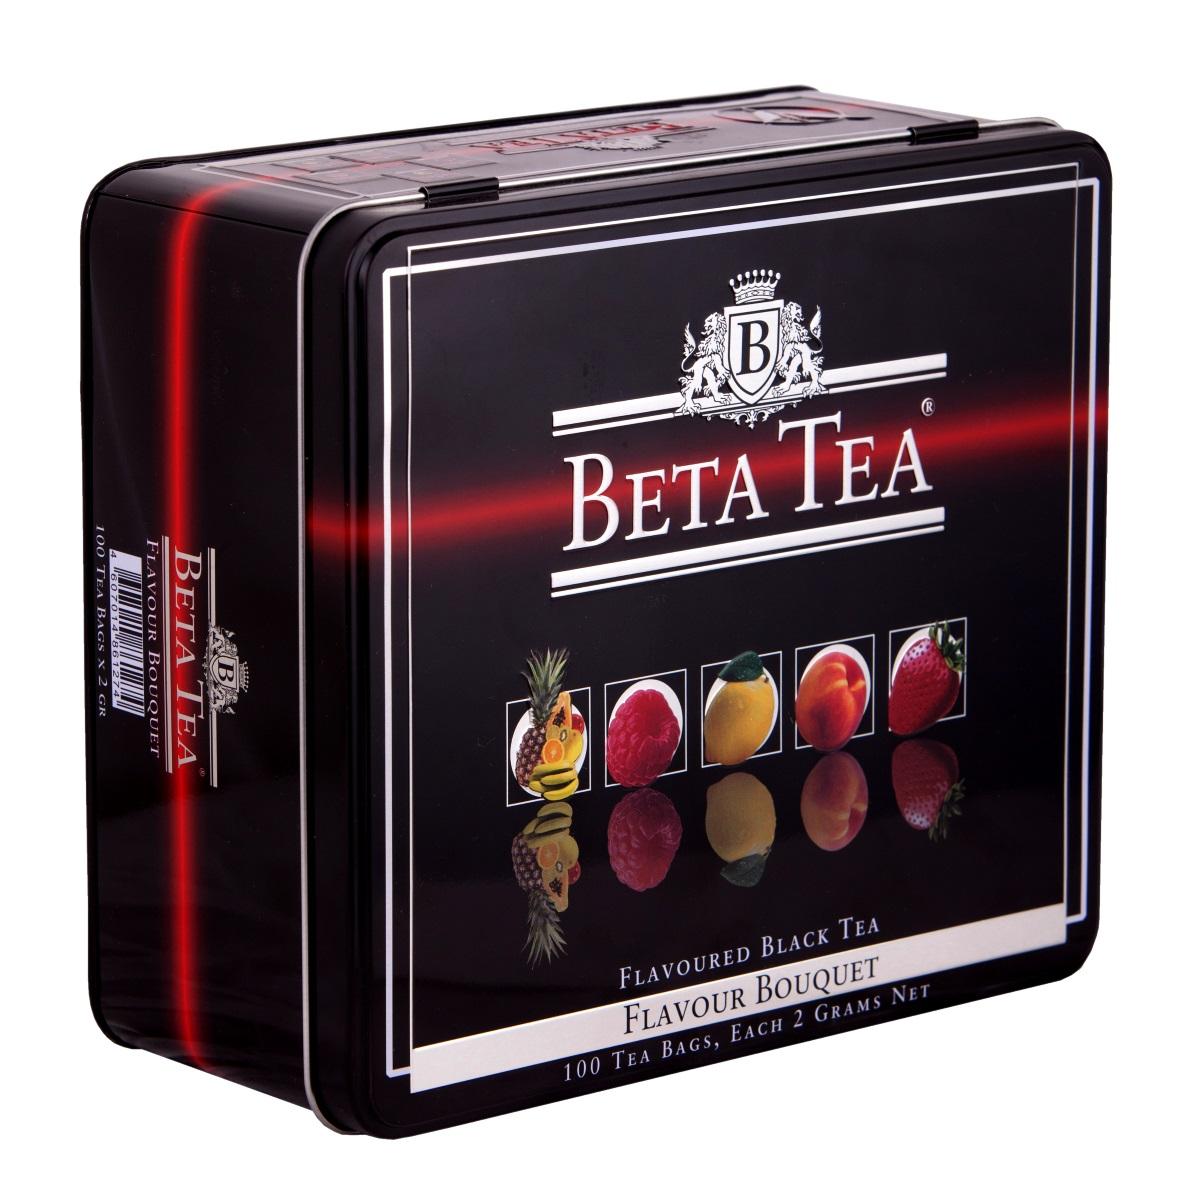 Beta Tea Букет ароматов чайный набор, 100 шт (подарочная упаковка) beta tea де люкс крупнолистовой чай 225 г подарочная упаковка